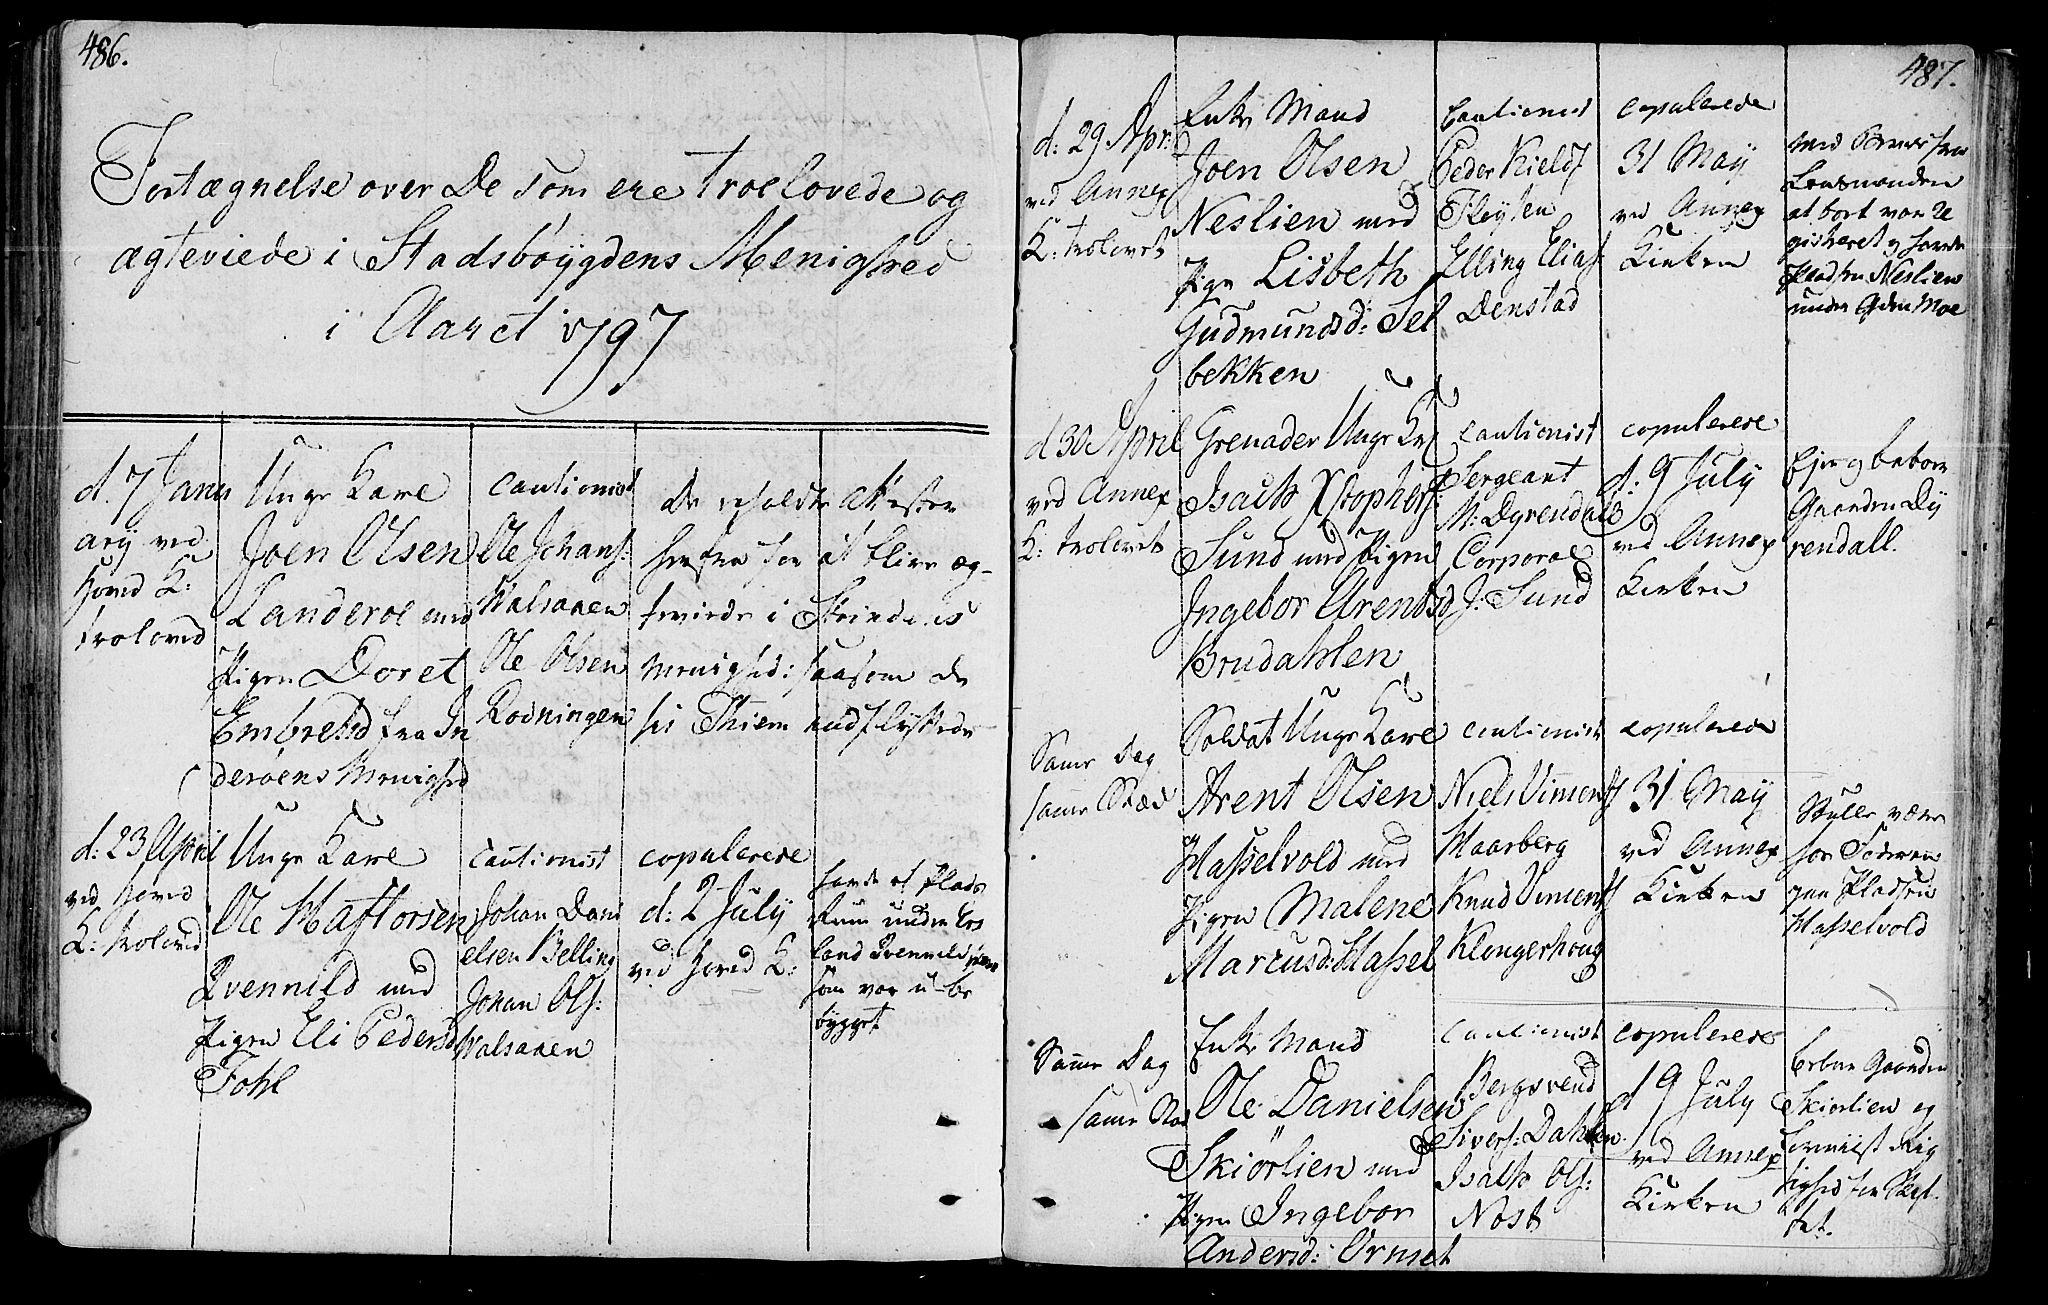 SAT, Ministerialprotokoller, klokkerbøker og fødselsregistre - Sør-Trøndelag, 646/L0606: Ministerialbok nr. 646A04, 1791-1805, s. 486-487